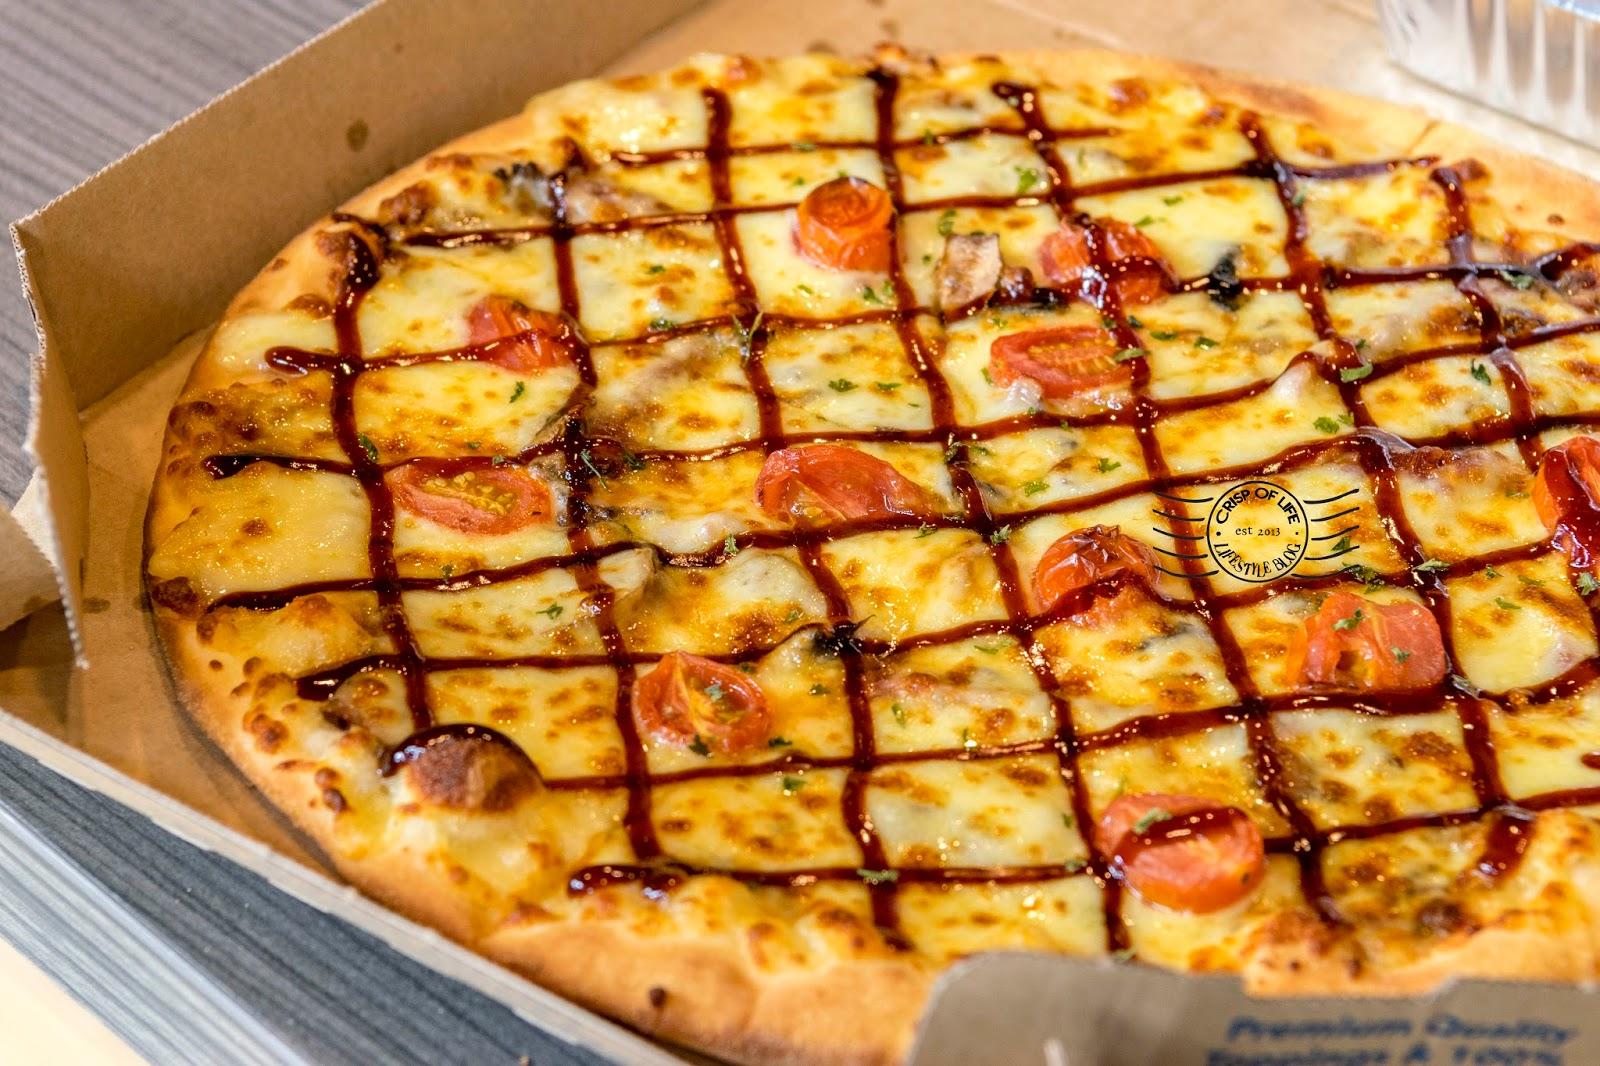 Domino's Pizza Malaysia Samyeang Pizza